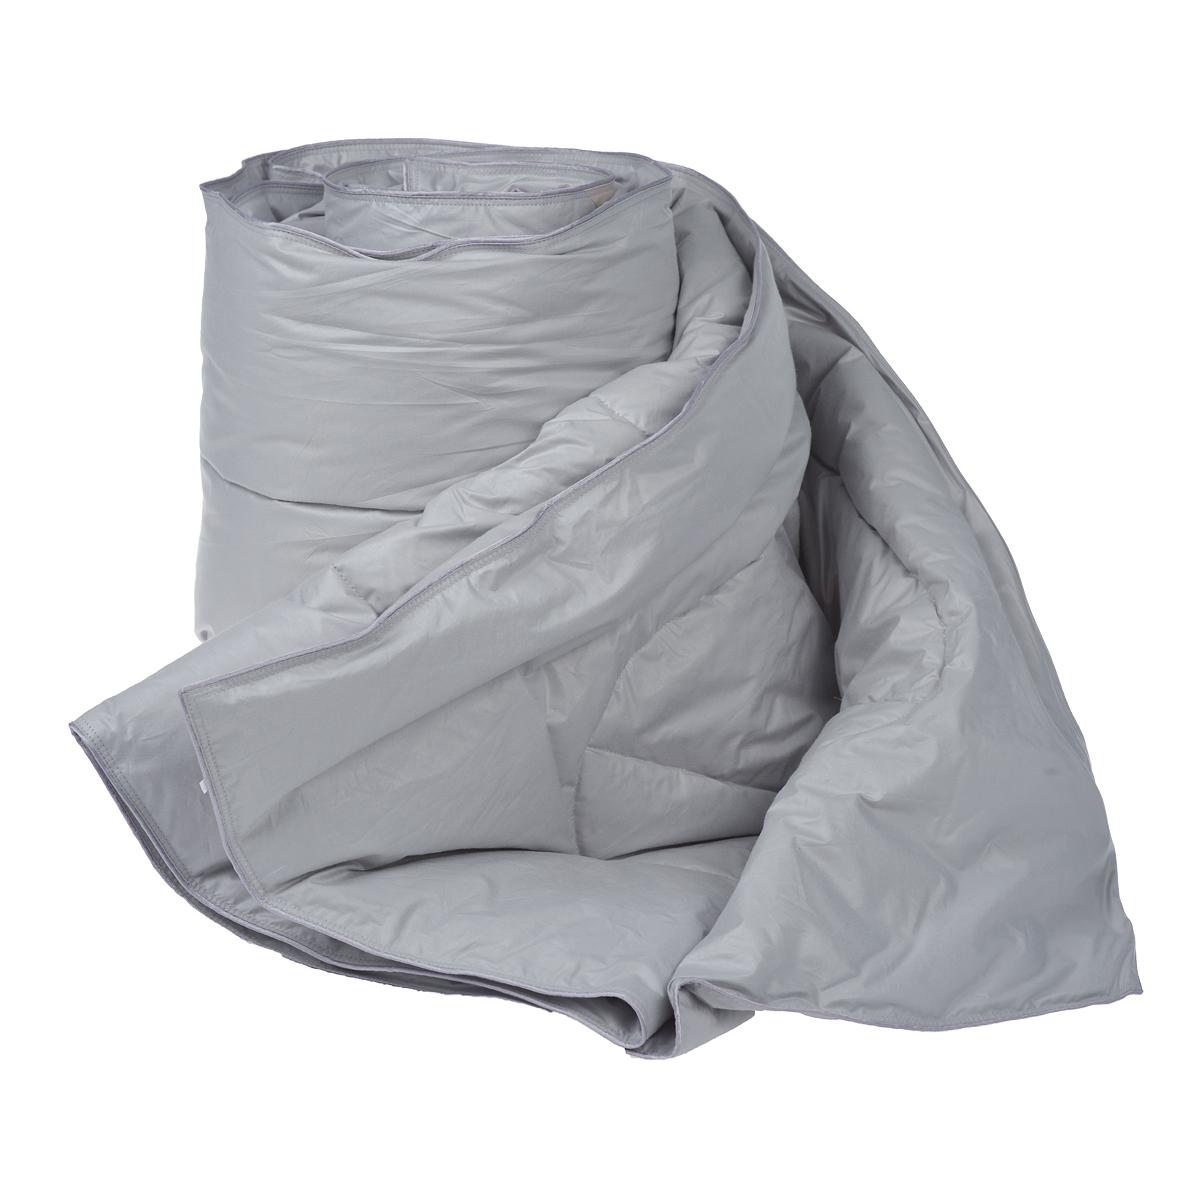 Одеяло Dargez Богемия, наполнитель: пух категории Экстра, цвет: серый, 140 х 205 см22382Одеяло Dargez Богемия подарит комфорт и уют во время сна. Чехол одеяла выполнен из пуходержащего гладкокрашеного батиста с обработкой ионами серебра. Ткань с ионами серебра благотворно воздействует на кожу, оказывает расслабляющее действие для организма человека, имеет устойчивый антибактериальный эффект. Уникальная запатентованная стежка Bodyline® по форме повторяет тело человека, что помогает эффективно регулировать теплообмен различных частей организма и создать оптимальный микроклимат во время сна. Натуральное сырье, инновационные разработки и современные технологии - вот рецепт вашего крепкого сна. Изделия коллекции способны стать прекрасным подарком для людей, ценящих красоту и комфорт. Рекомендации по уходу: - Стирка при температуре не более 40°С. - Запрещается отбеливать, гладить, выжимать и сушить в стиральной машине.